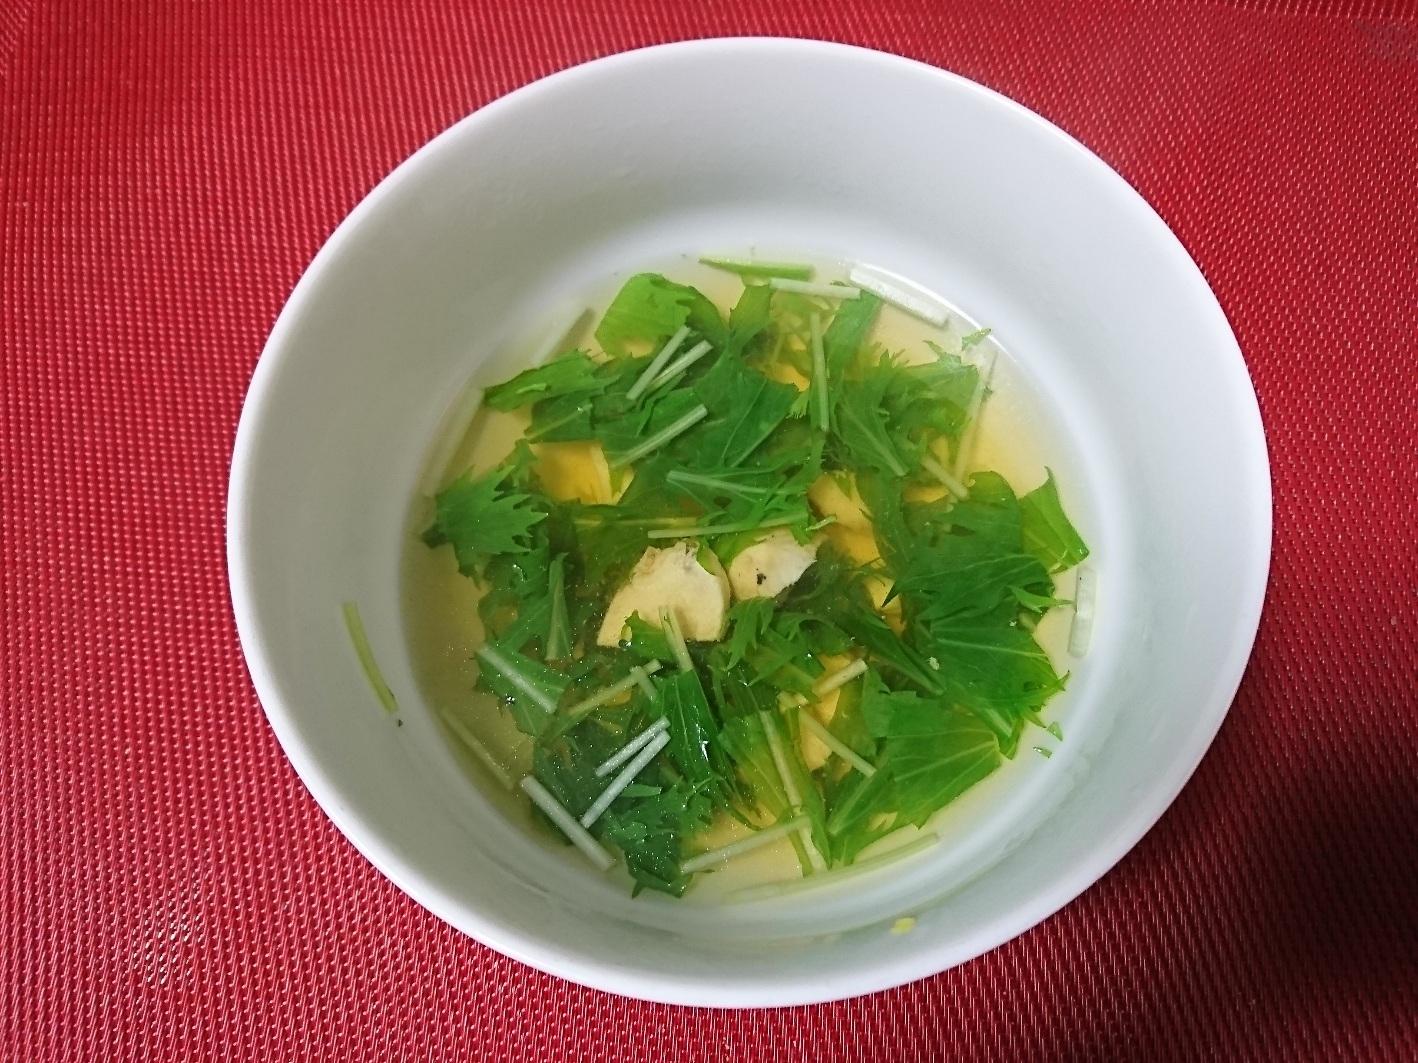 4. 鶏肉と水菜の簡単スープ